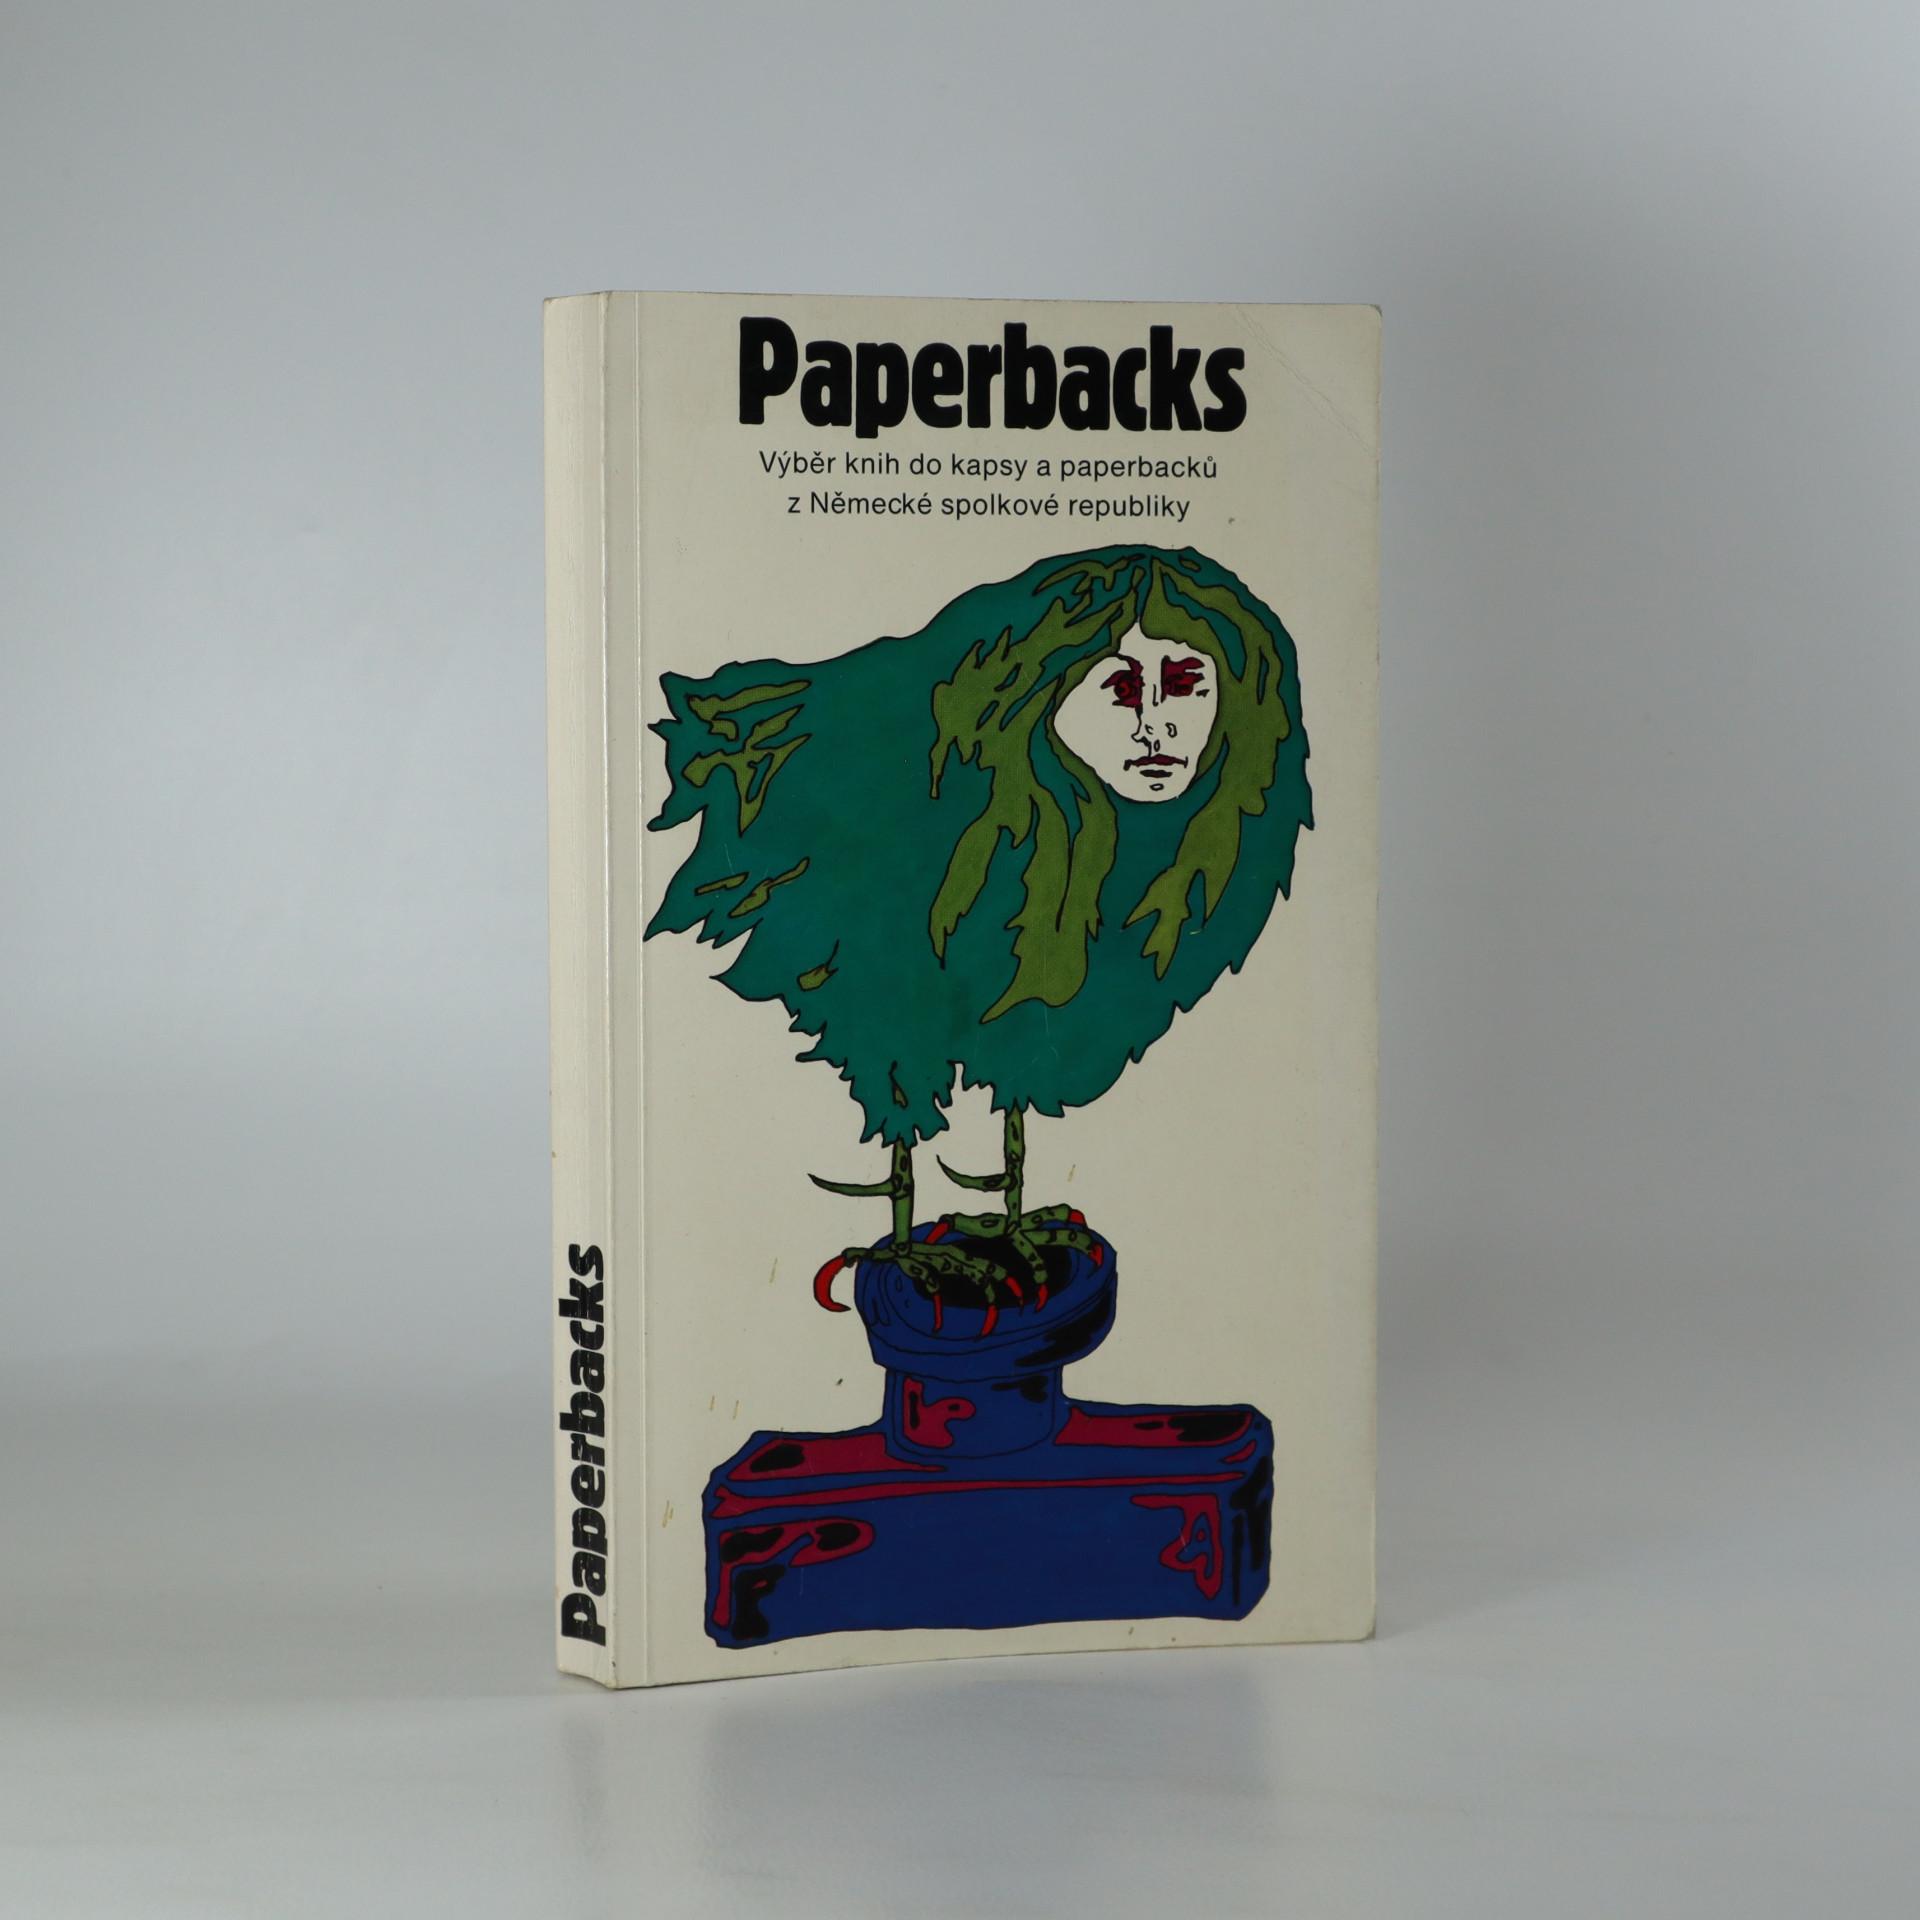 antikvární kniha Paperbacks. Výběr knih do kapsy a paperbacků z Německé spolkové republiky, neuveden